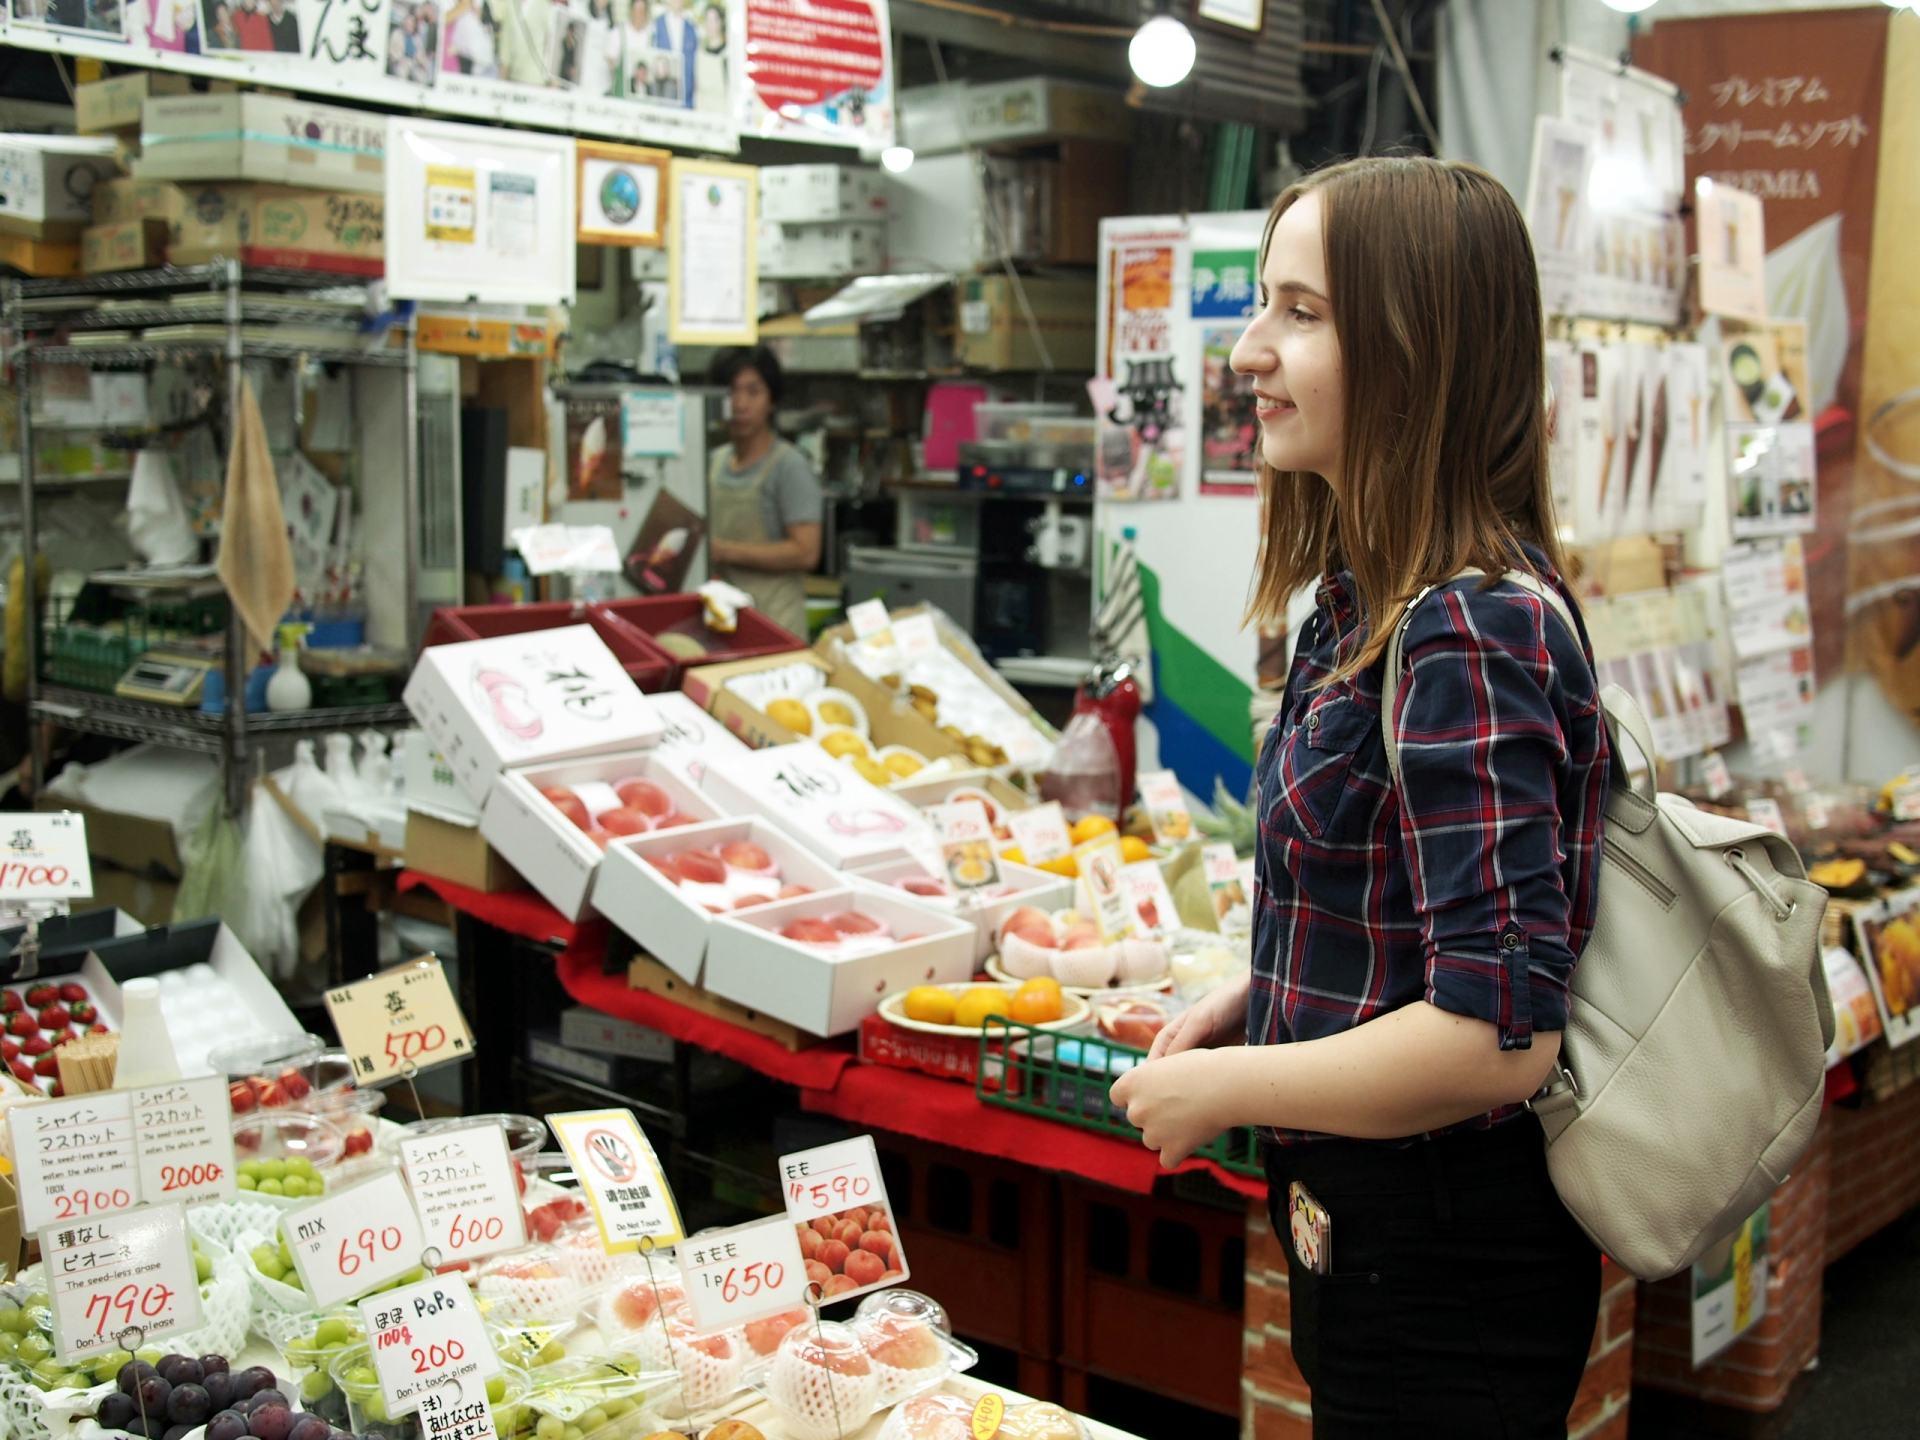 在黑门市场能买到价格便宜而又高品质的食材